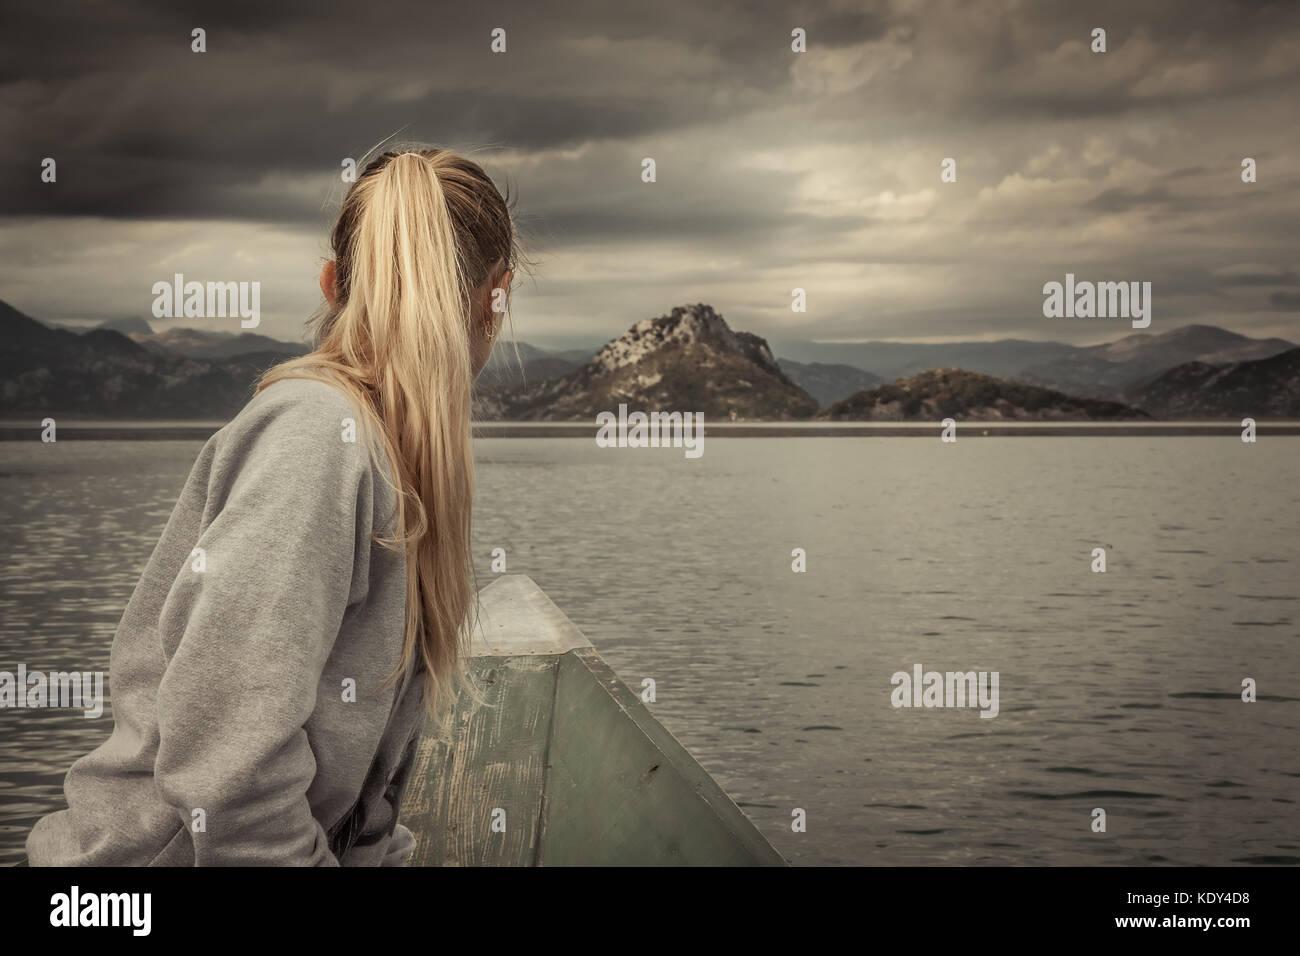 Woman traveler la voile sur bateau vers la rive avec paysage avec des montagnes à l'horizon dans la journée Photo Stock